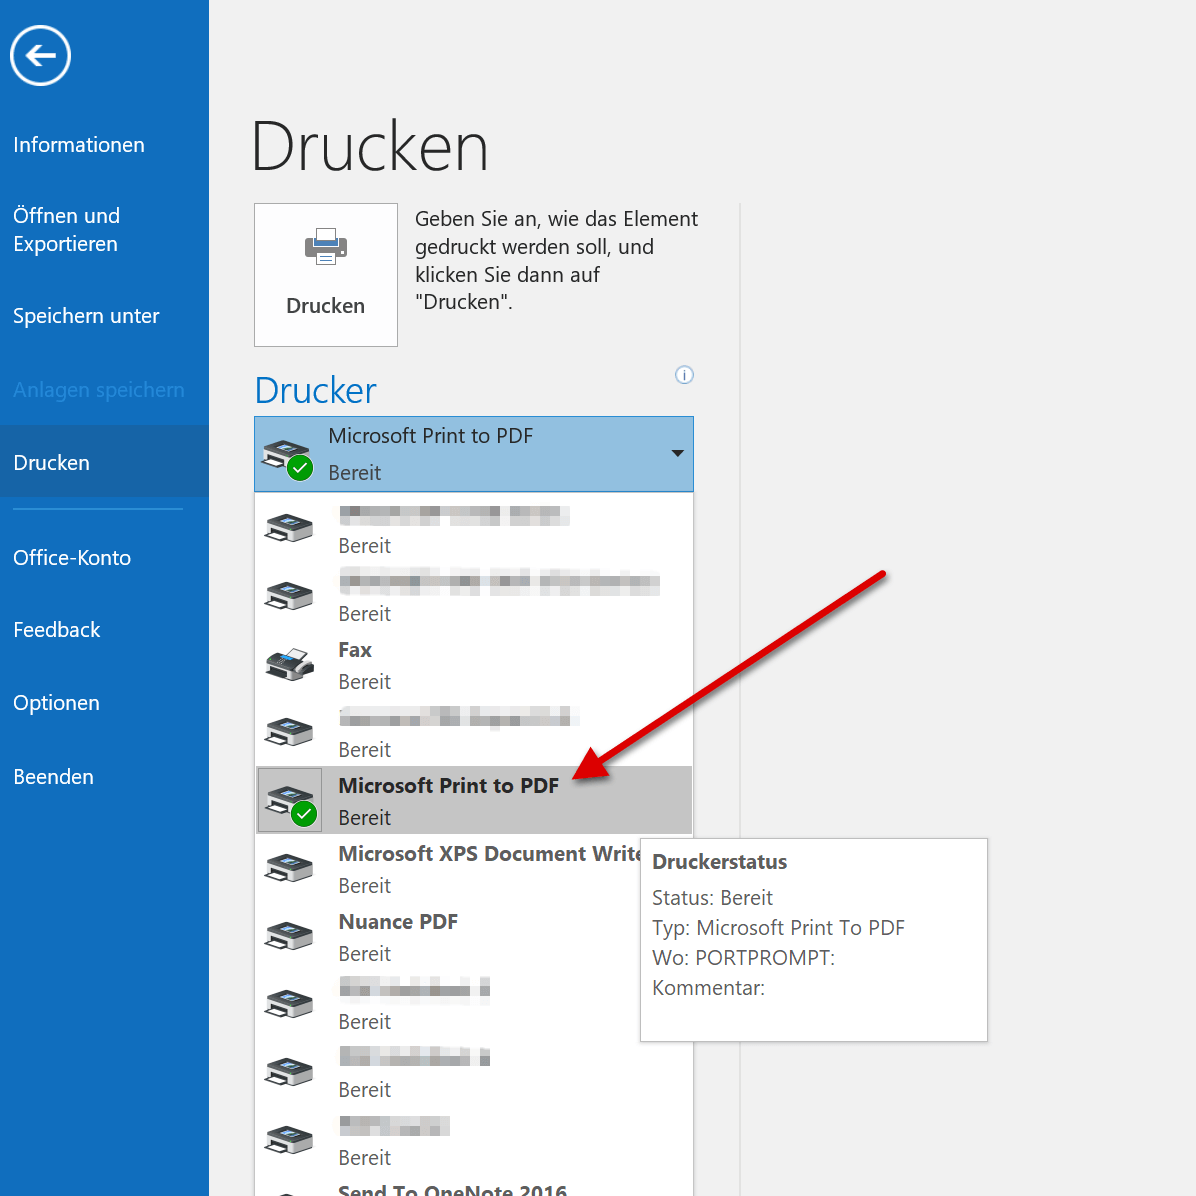 2. Microsoft Print to PDF